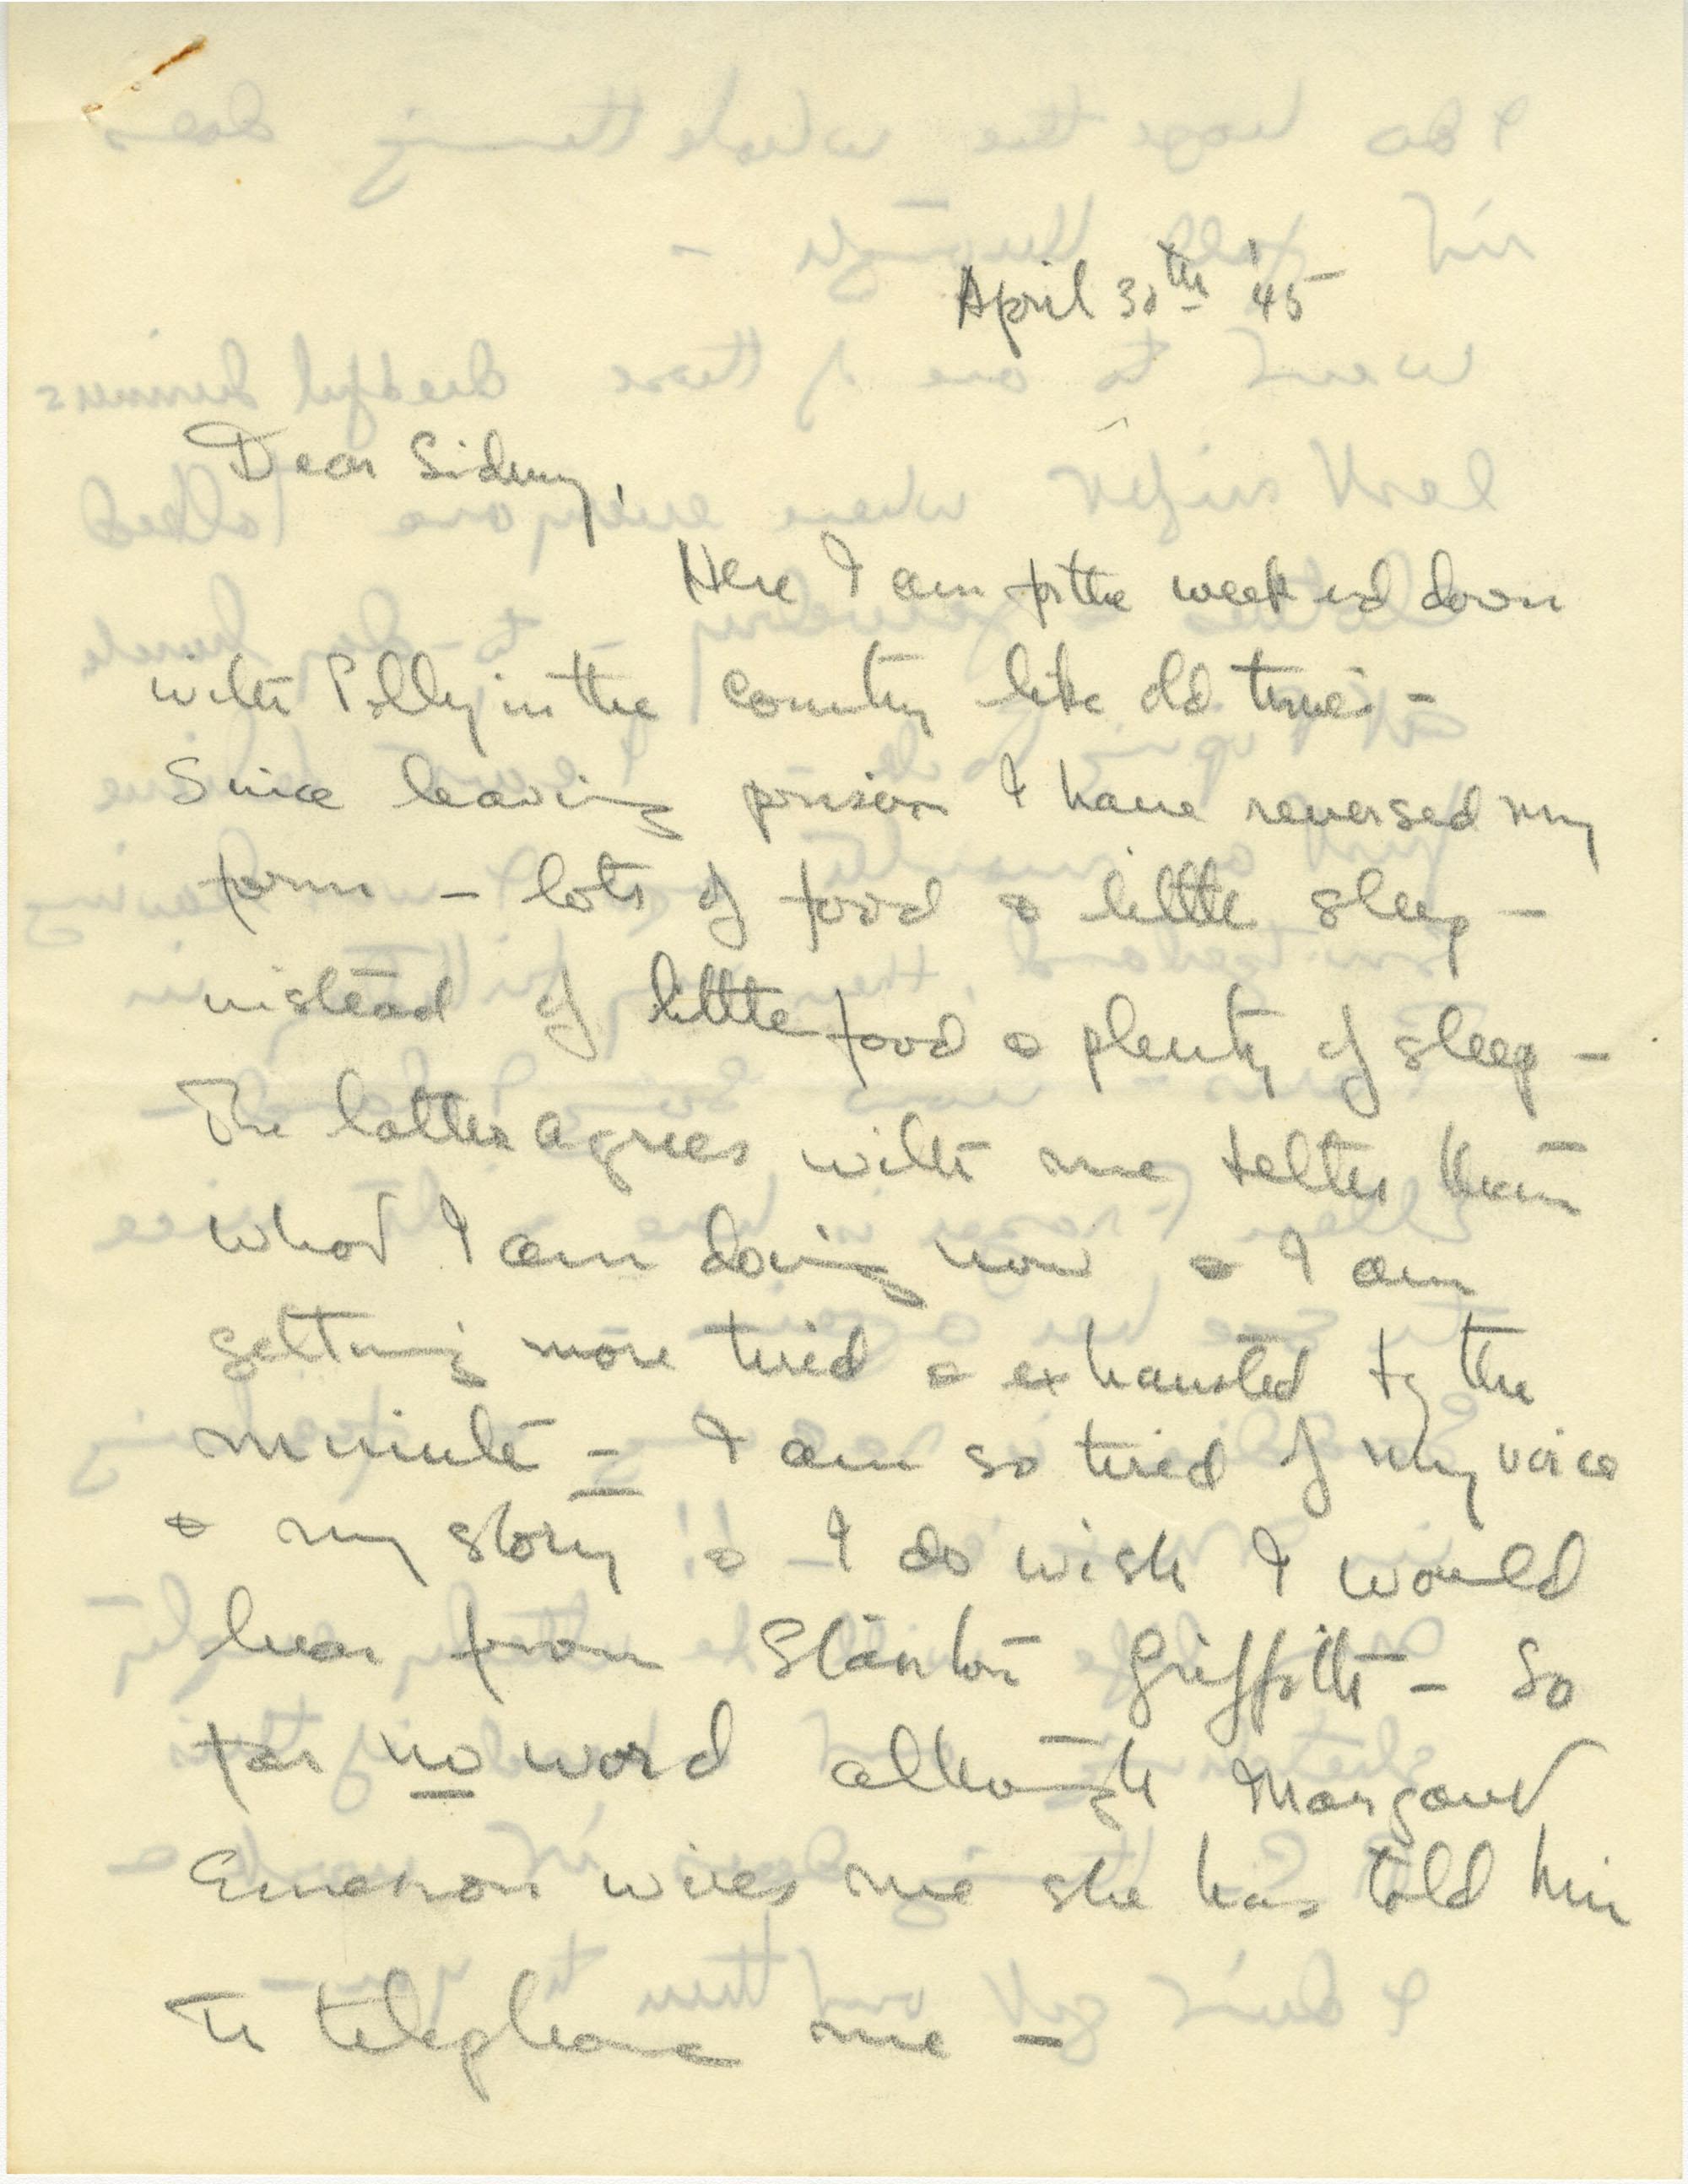 Letter from Gertrude Sanford Legendre, April 30, 1945